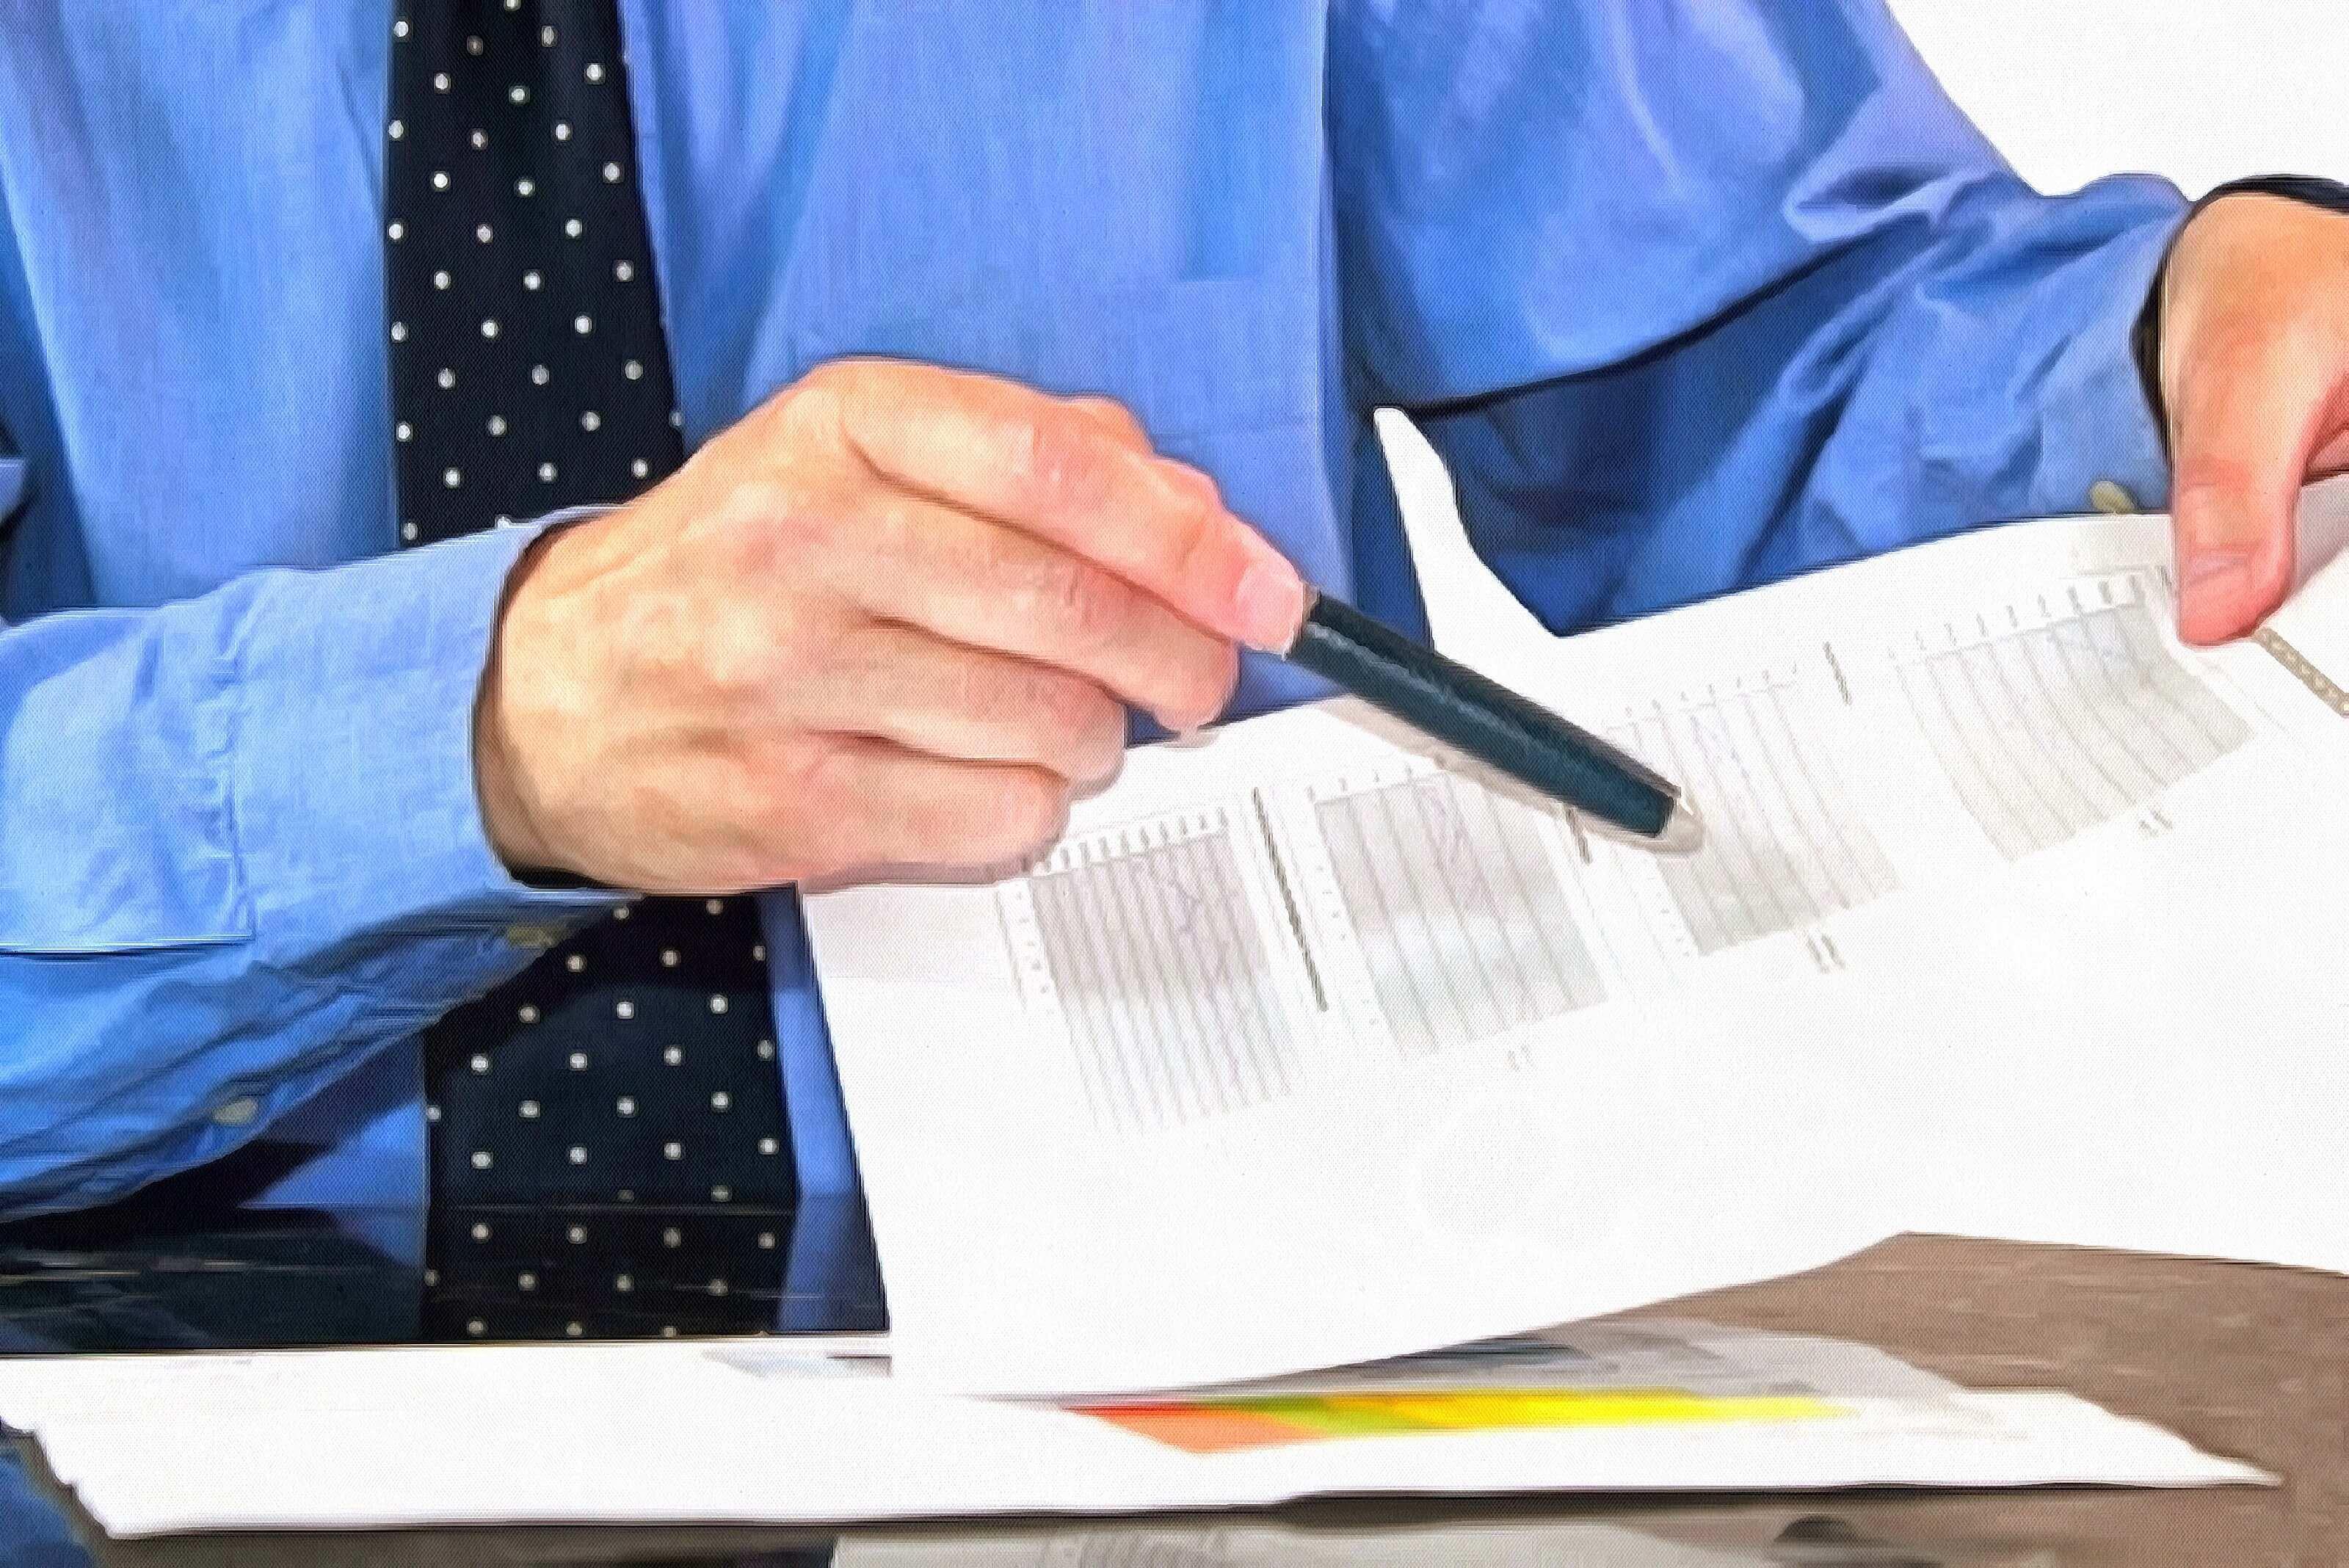 Документы для налогового вычета за квартиру — полный перечень, оформление заявления и сроки рассмотрения